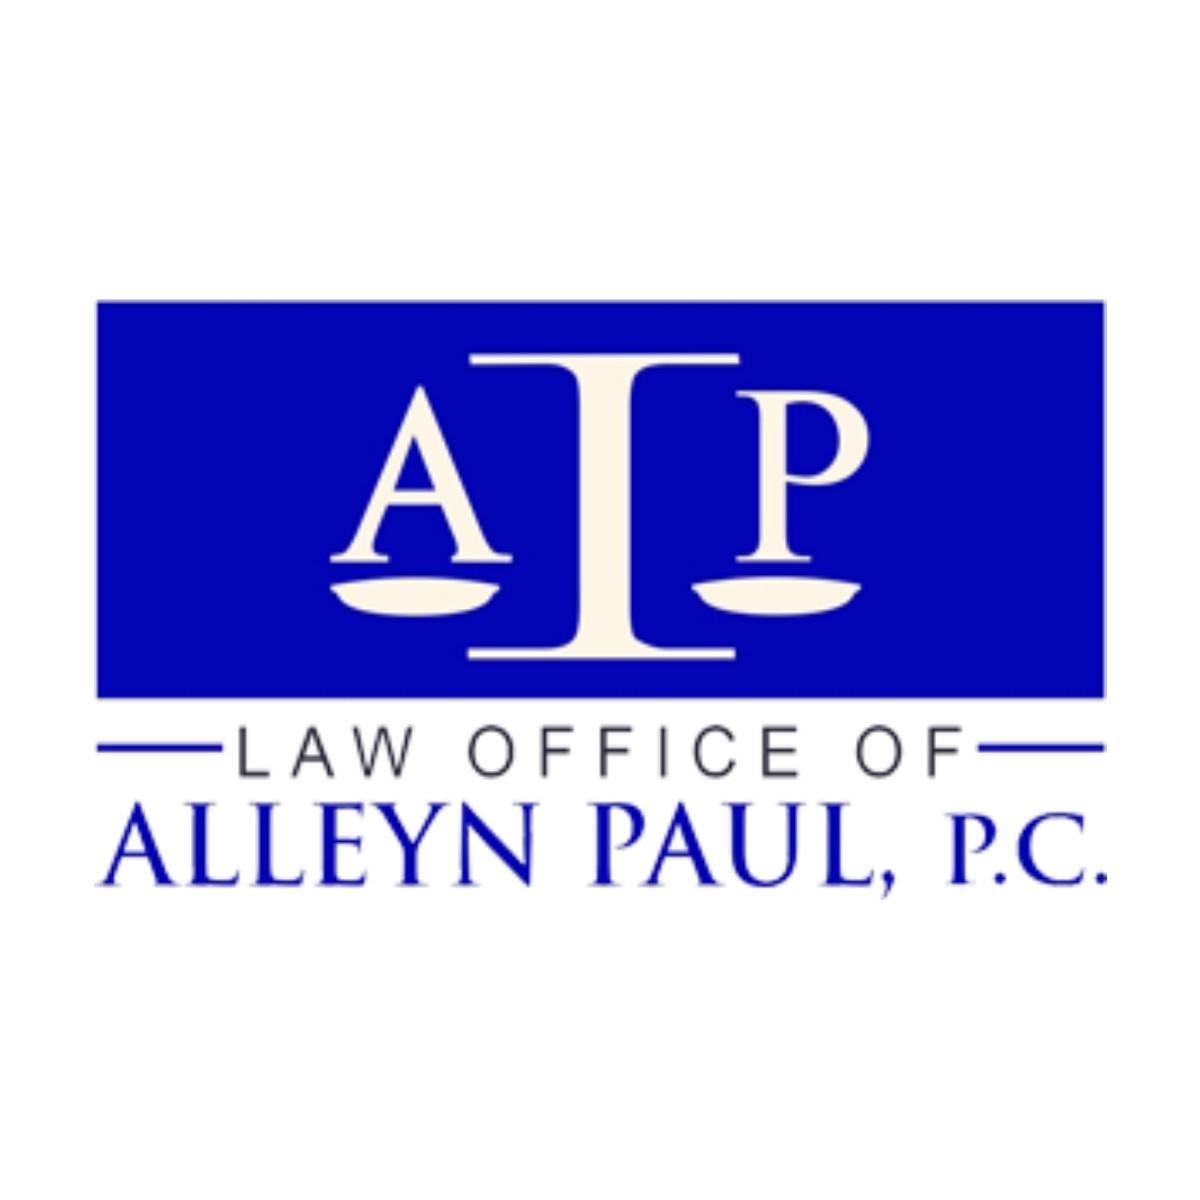 Law Office of Alleyn Paul, P.C.